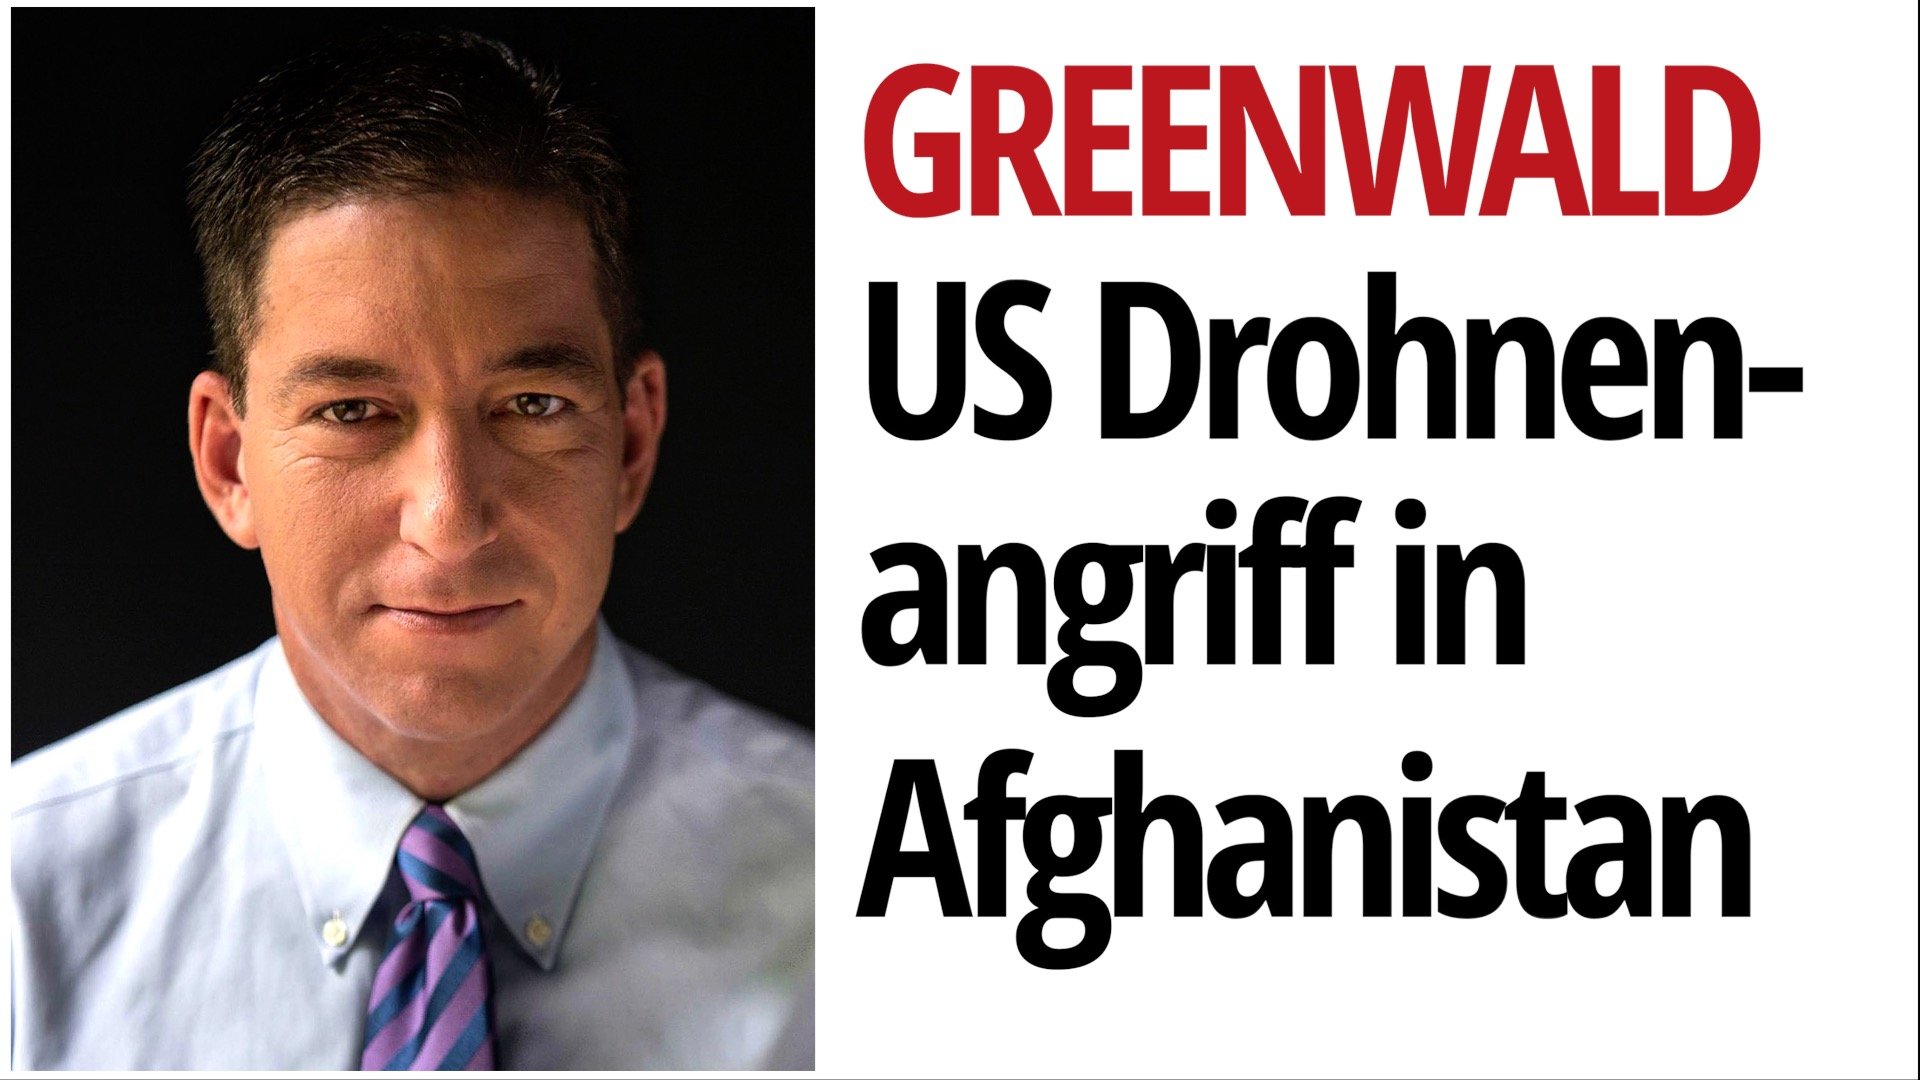 Drohnenangriff in Afghanistan: Was ist aus der Skepsis der Medien in der Trump-Ära geworden?